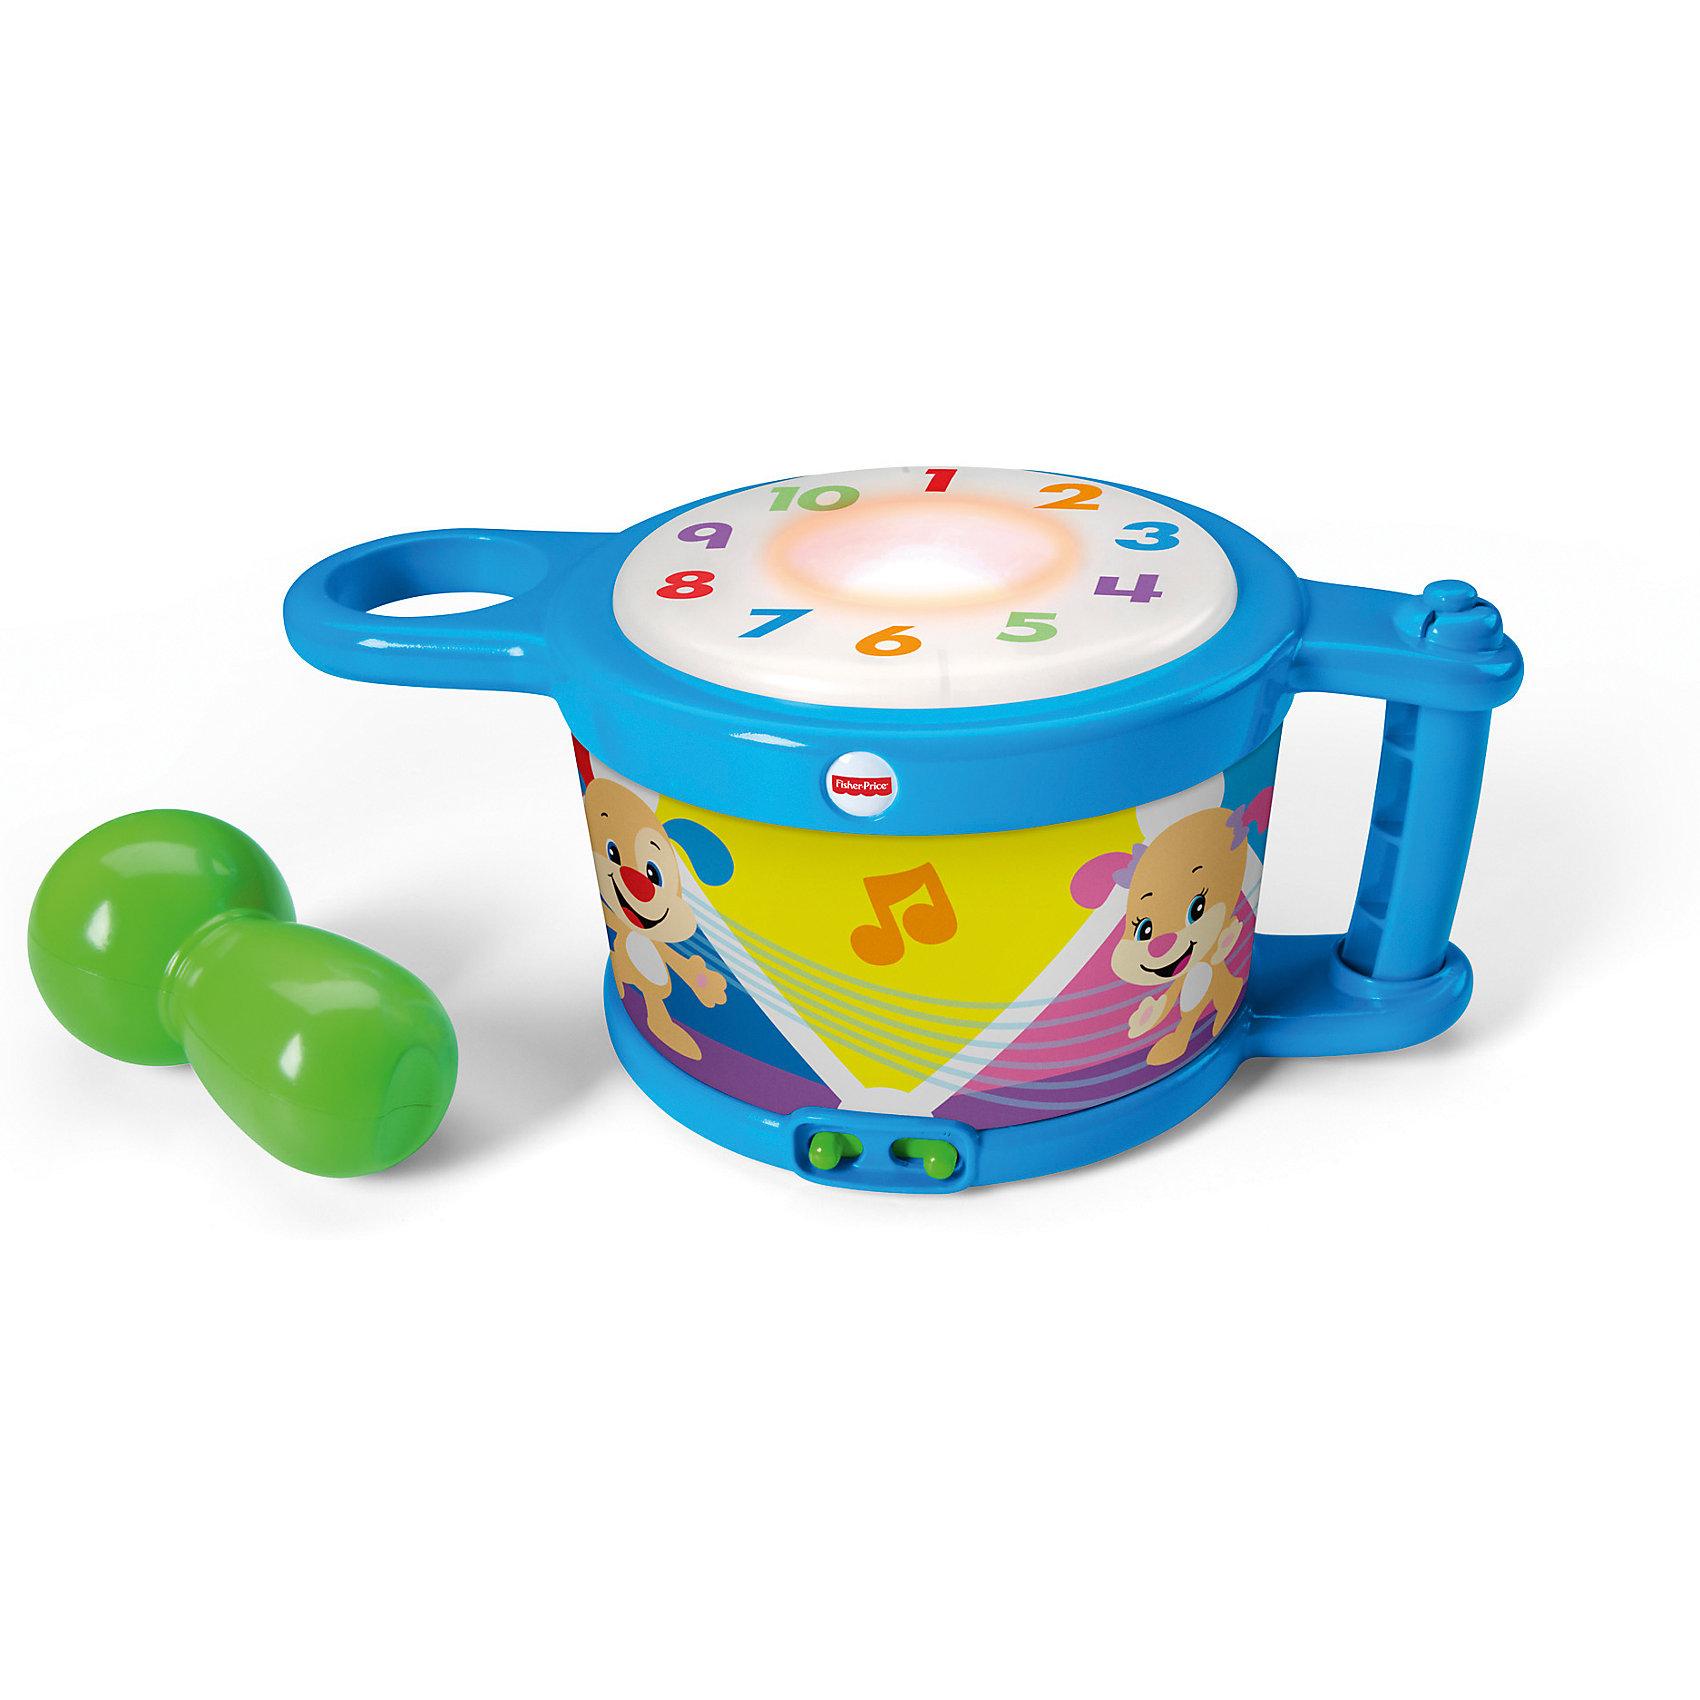 Музыкальный барабан, Fisher PriceМузыкальный барабан - это интересная и развивающая игрушка для вашего малыша. Игрушка предоставлена для маленьких детей, которые только начинают свое развитие. Если включить барабан, то каждый удар будет сопровождаться музыкой и светом. Барабан не только подарит вашему малышу много положительных эмоций, но и поможет в развитии музыкального слуха, чувства ритма и моторики рук. <br><br>В товар входит:<br>-барабан<br>-палка-погремушка<br><br>Дополнительная информация:<br>-Для детей от 6 месяцев до 3 лет<br>-Товар для девочек и мальчиков<br>-Состав: пластик<br>-Марка: Fisher Price(Фишер Прайс)<br><br>Ширина мм: 160<br>Глубина мм: 270<br>Высота мм: 240<br>Вес г: 855<br>Возраст от месяцев: 6<br>Возраст до месяцев: 36<br>Пол: Унисекс<br>Возраст: Детский<br>SKU: 4973470